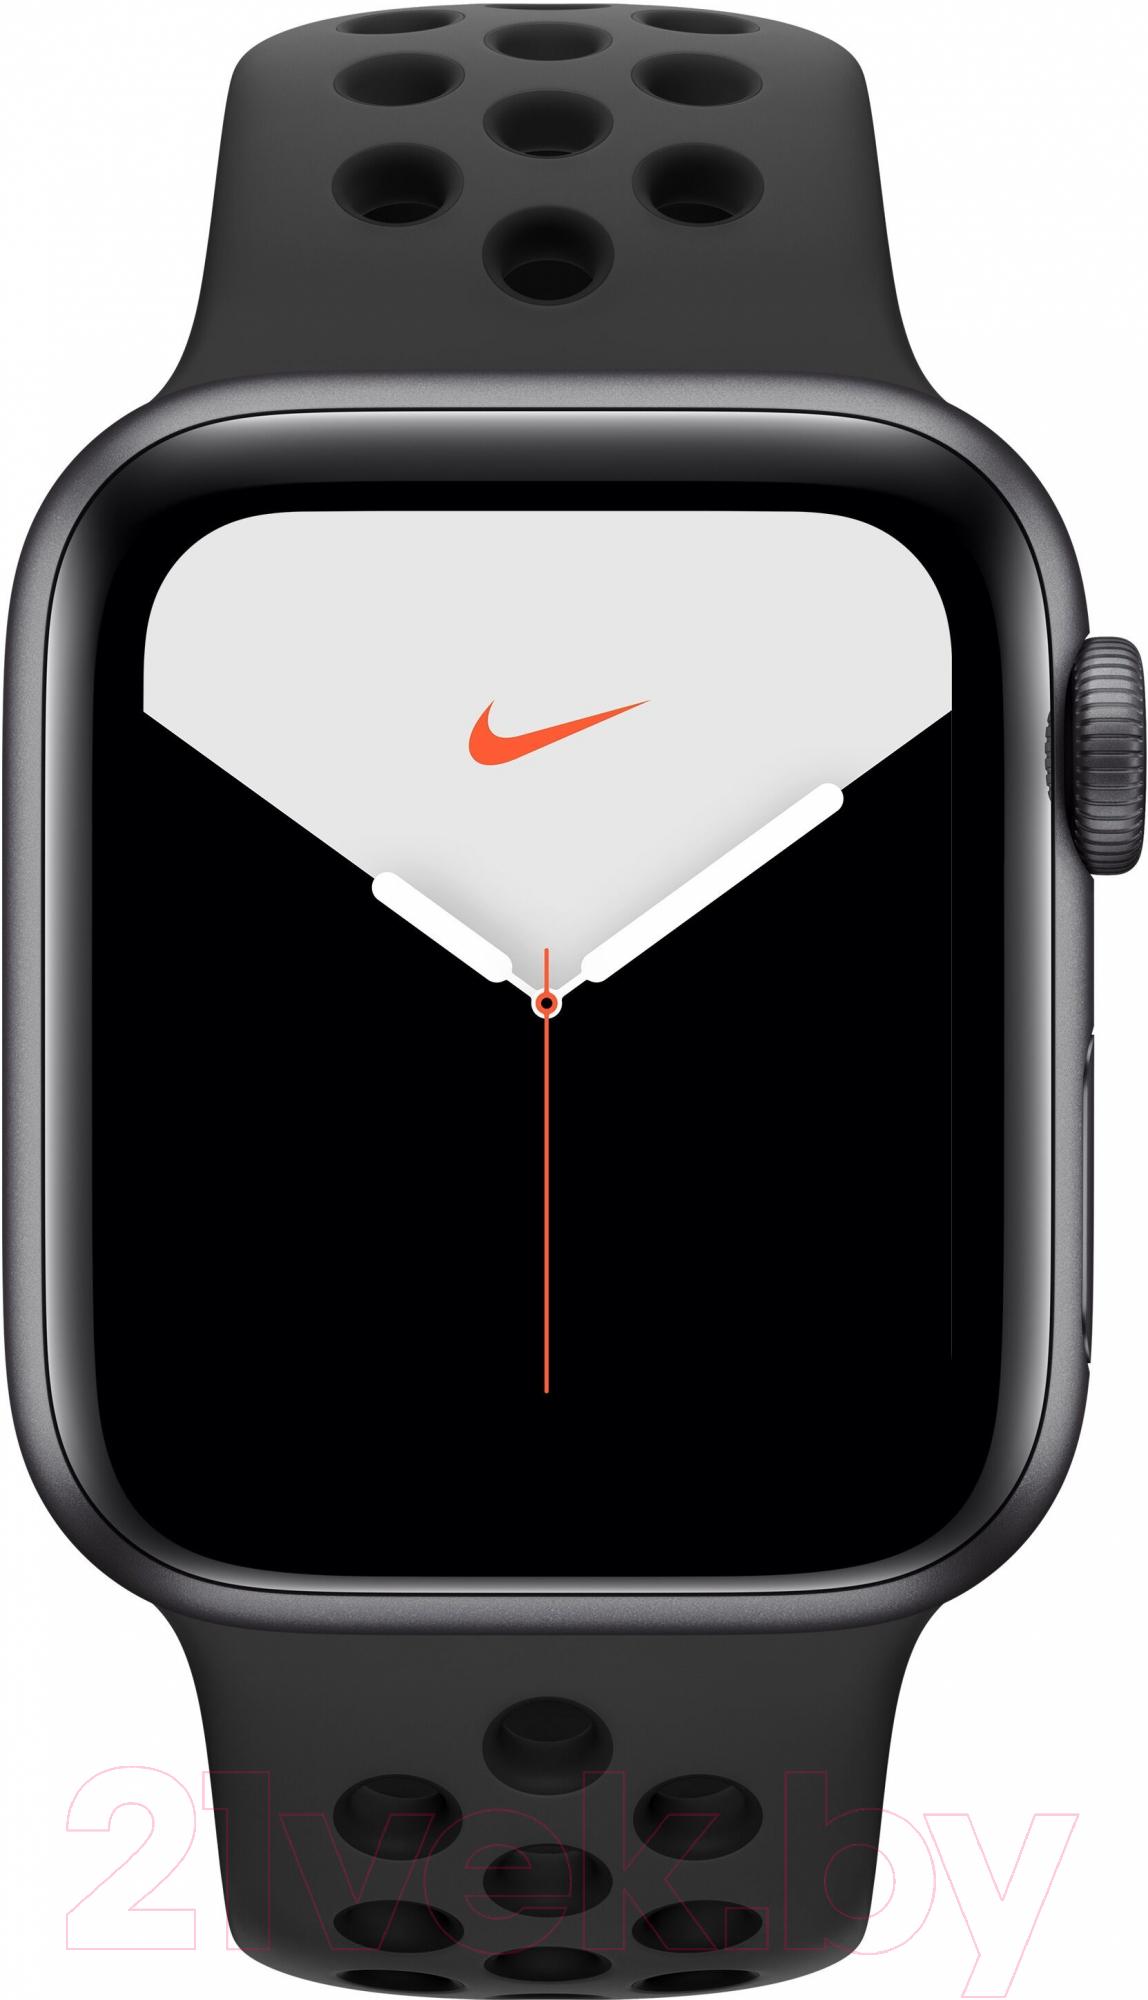 Купить Умные часы Apple, Watch Series 5 Nike+ GPS 44mm / MX3W2 (алюминий серый космос/антрацитовый, черный), Китай